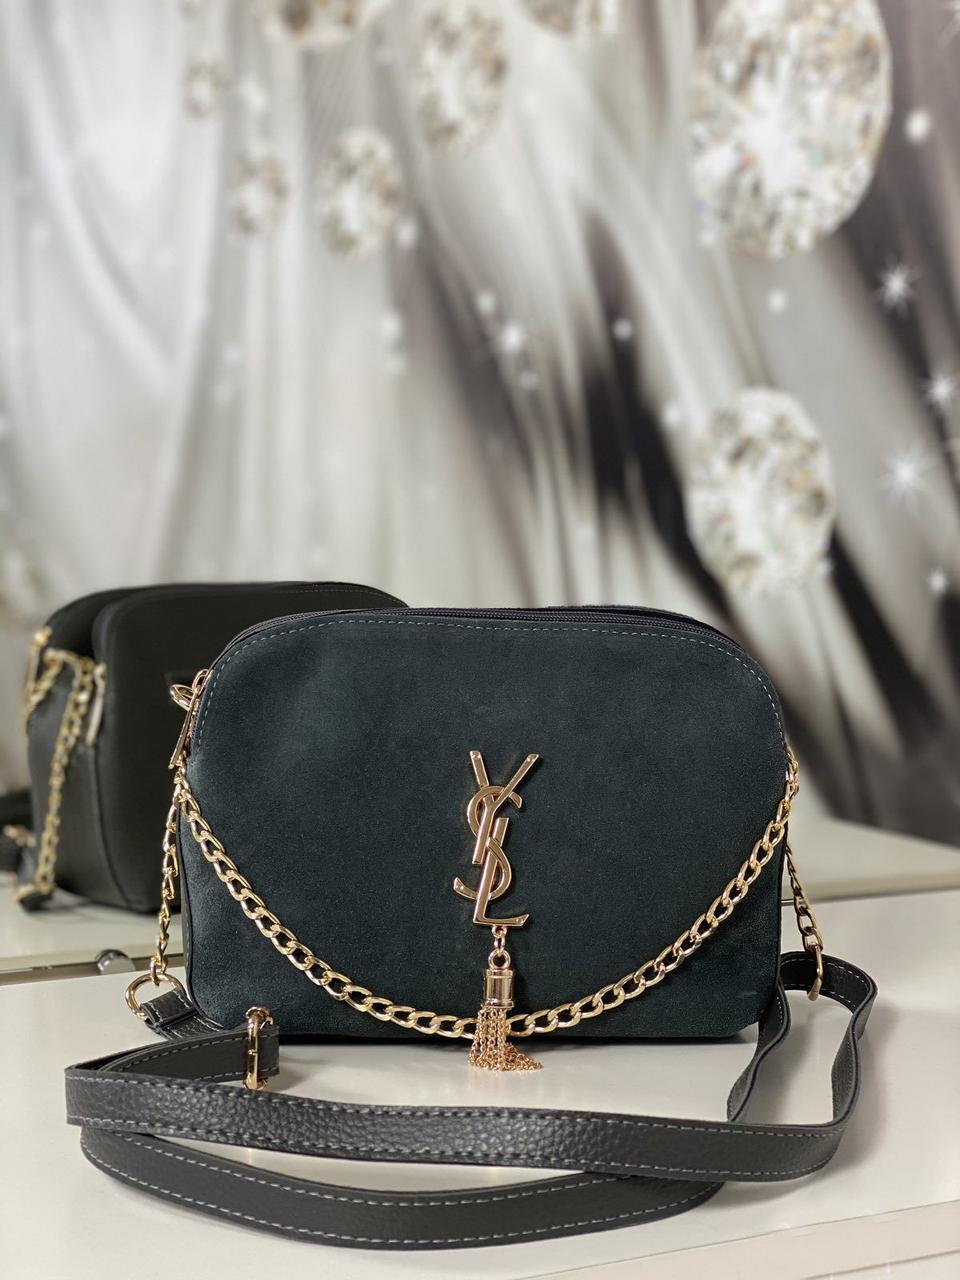 Сумочка замшевая женская через плечо кросс-боди сумка клатч на цепочке серая натуральная замша+кожзам